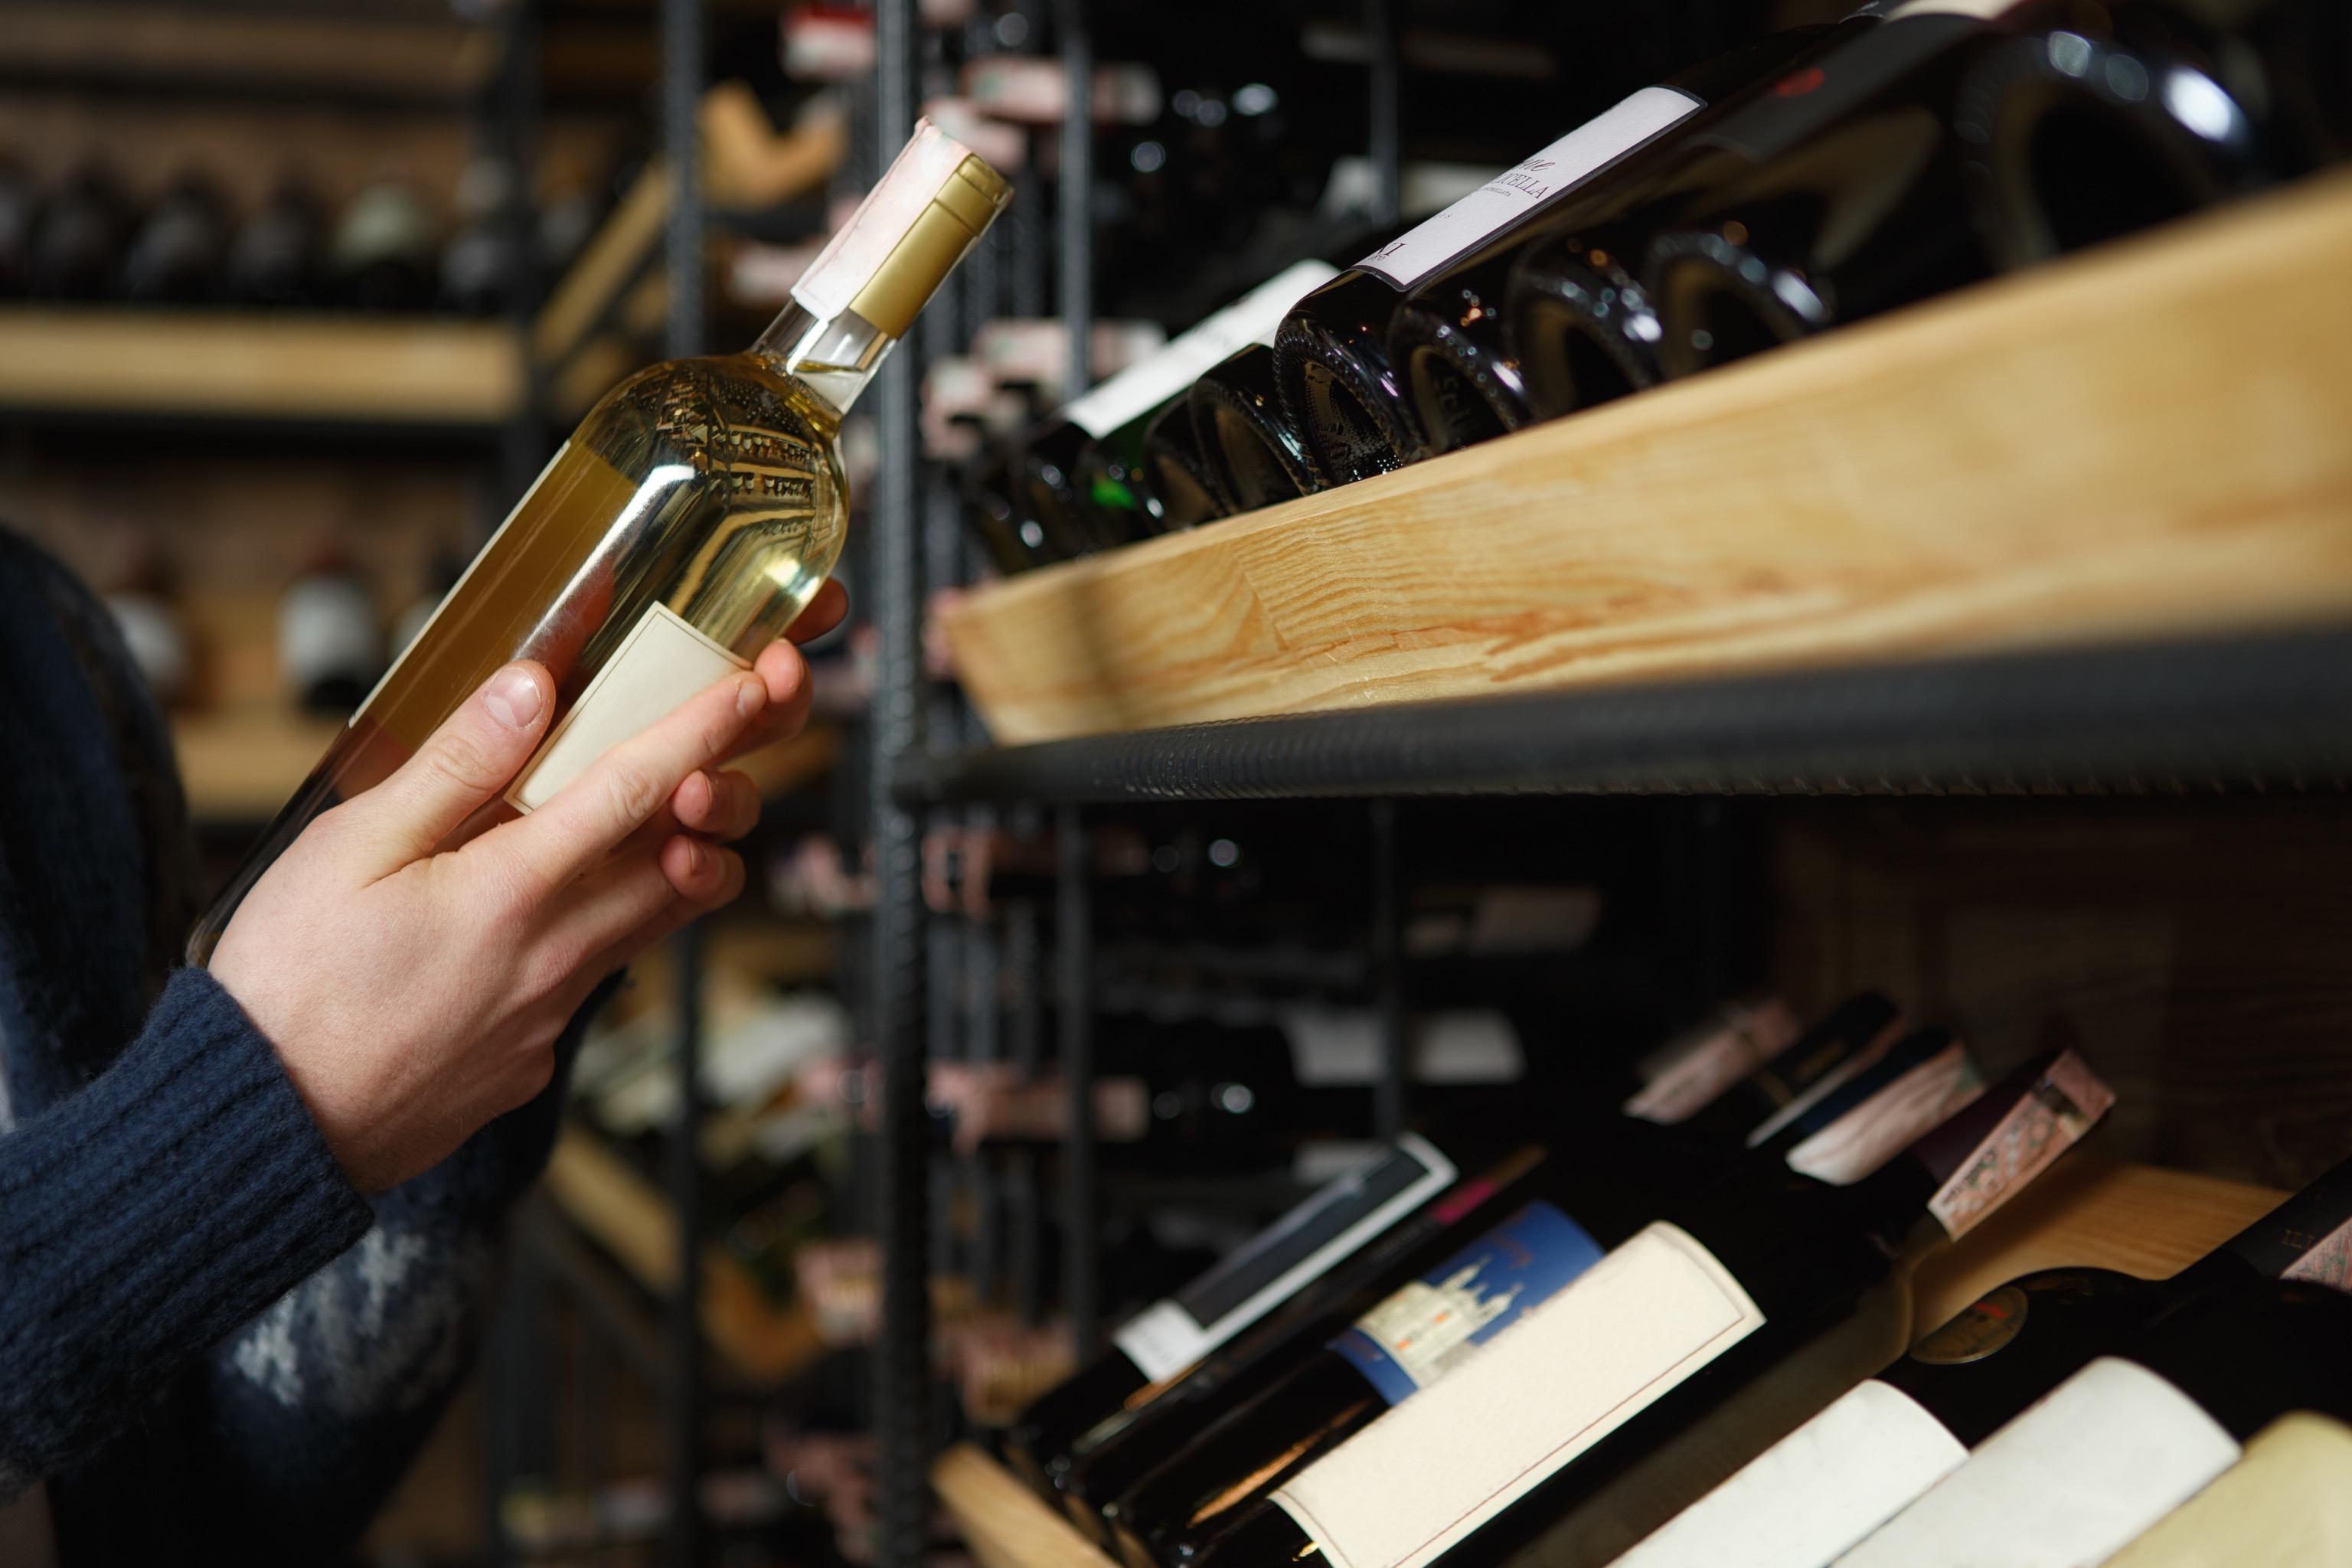 おいしいワインが飲みたい!ワインの選び方とおすすめワインをご紹介